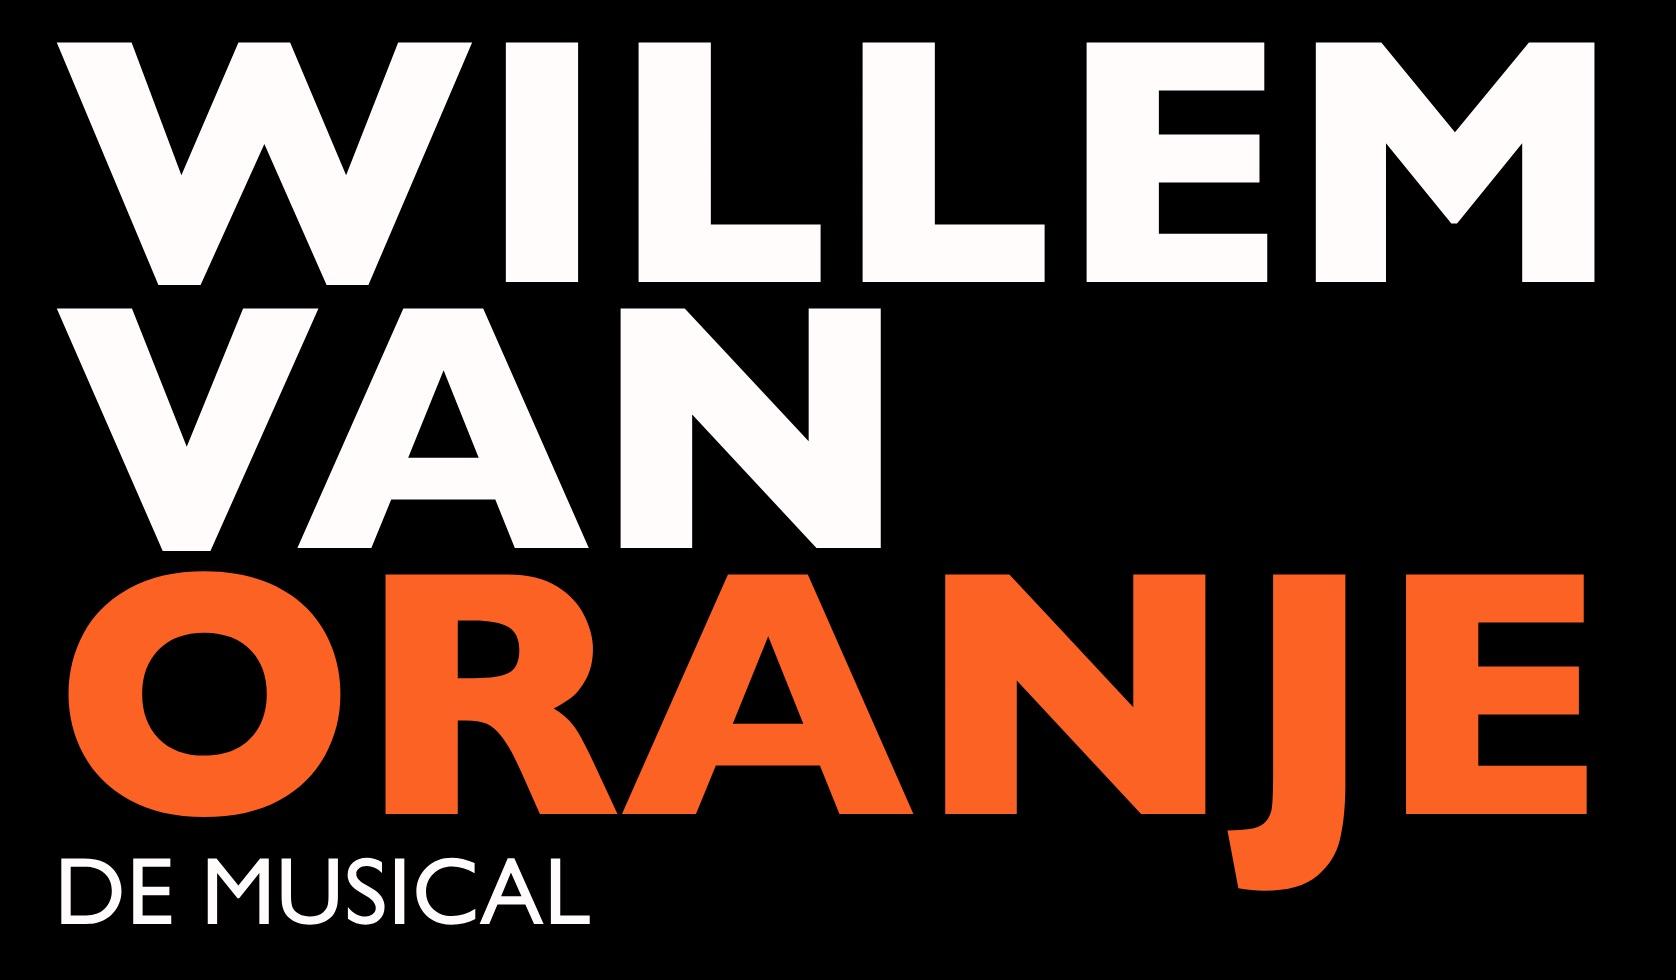 Nieuwe spektakelmusical 'Willem van Oranje' in Delft